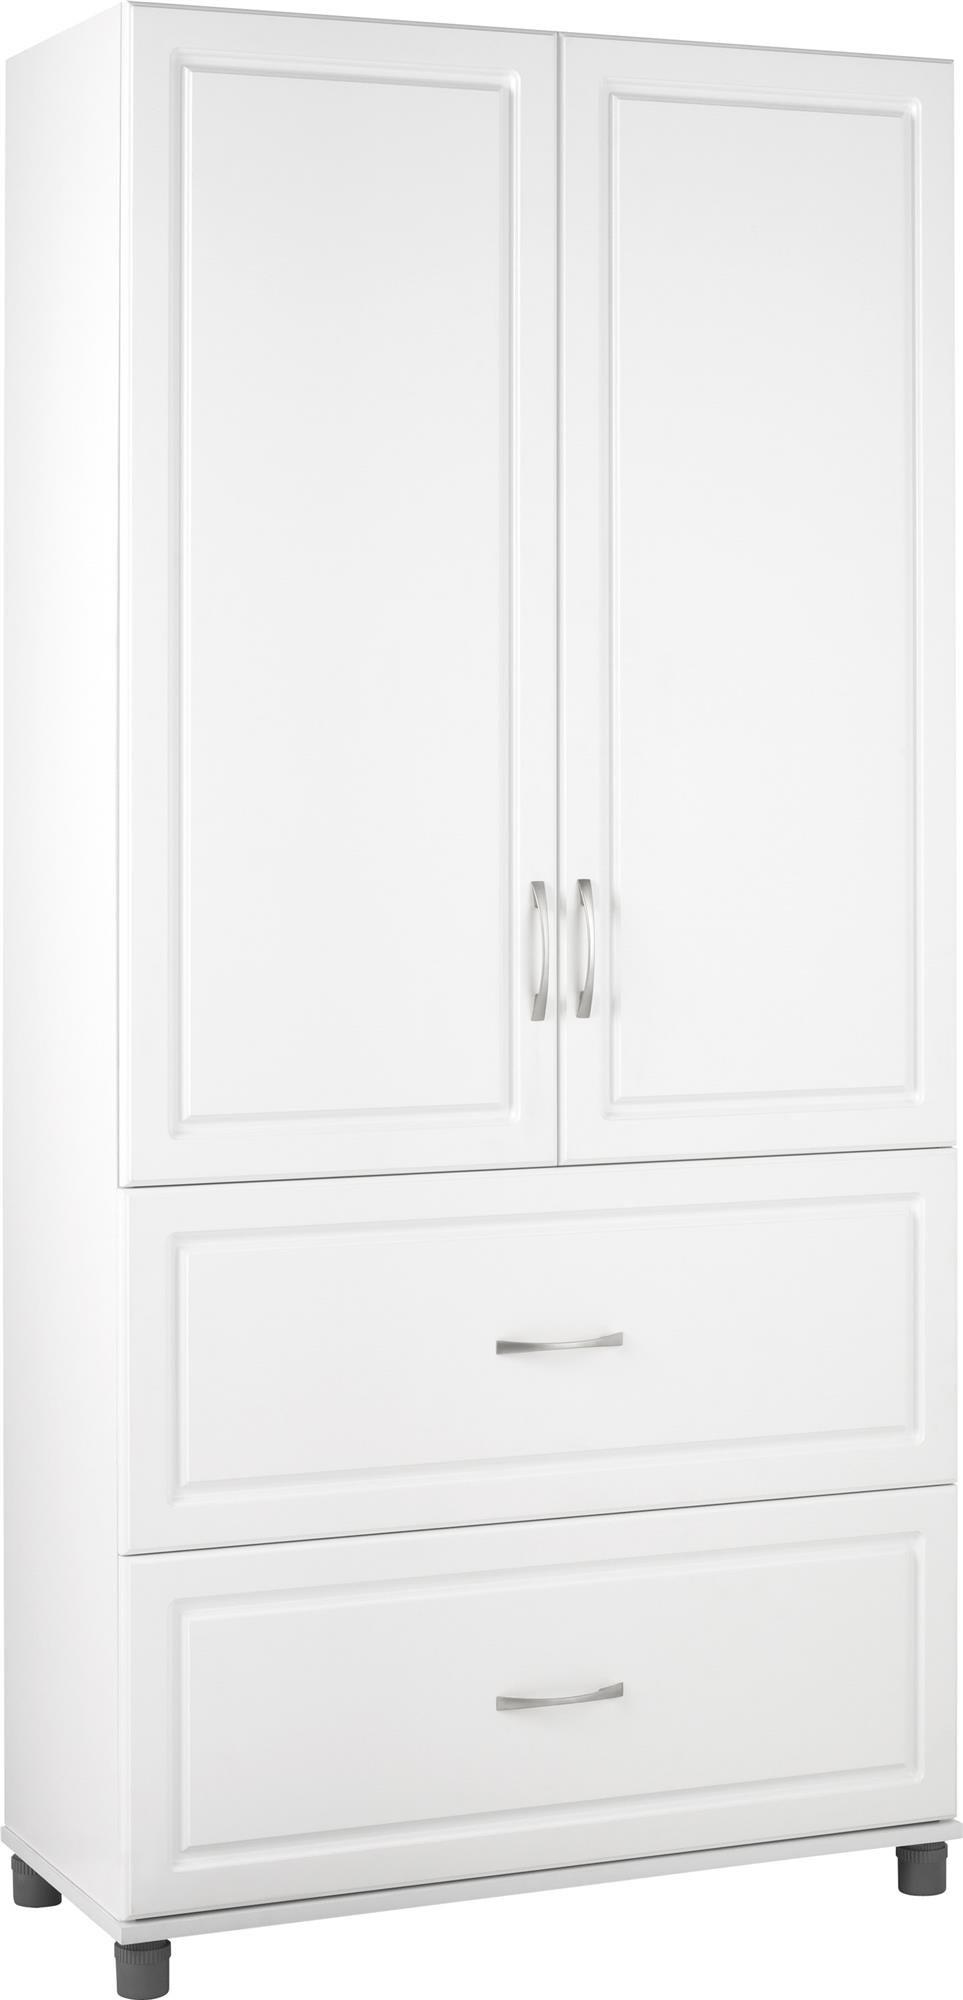 """SystemBuild Kendall 36"""" 2 Door/2 Drawer Storage Cabinet, White Stipple"""